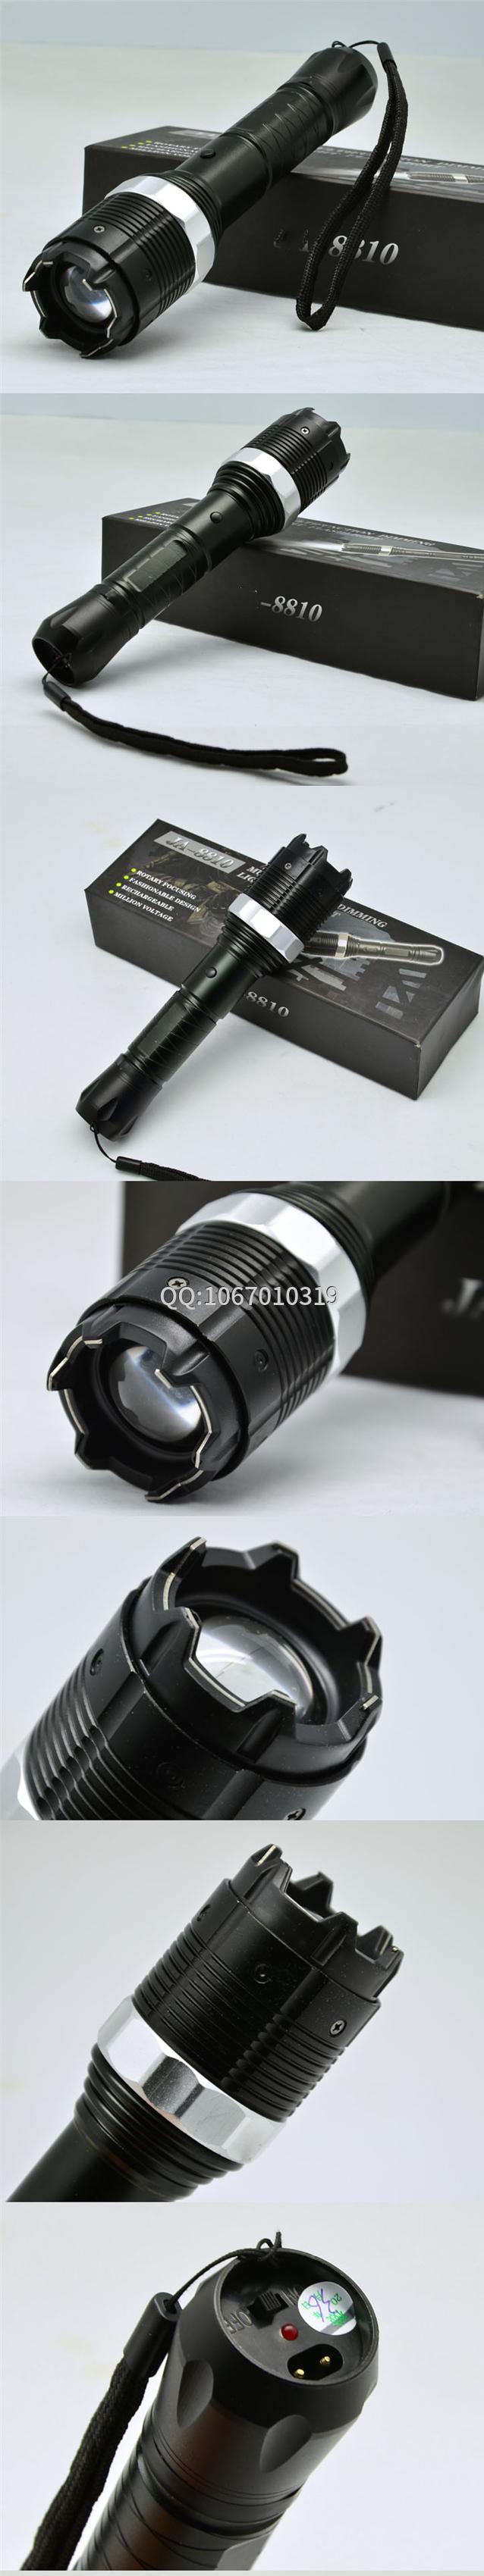 黑鹰HY-8810型变焦高压电击棒